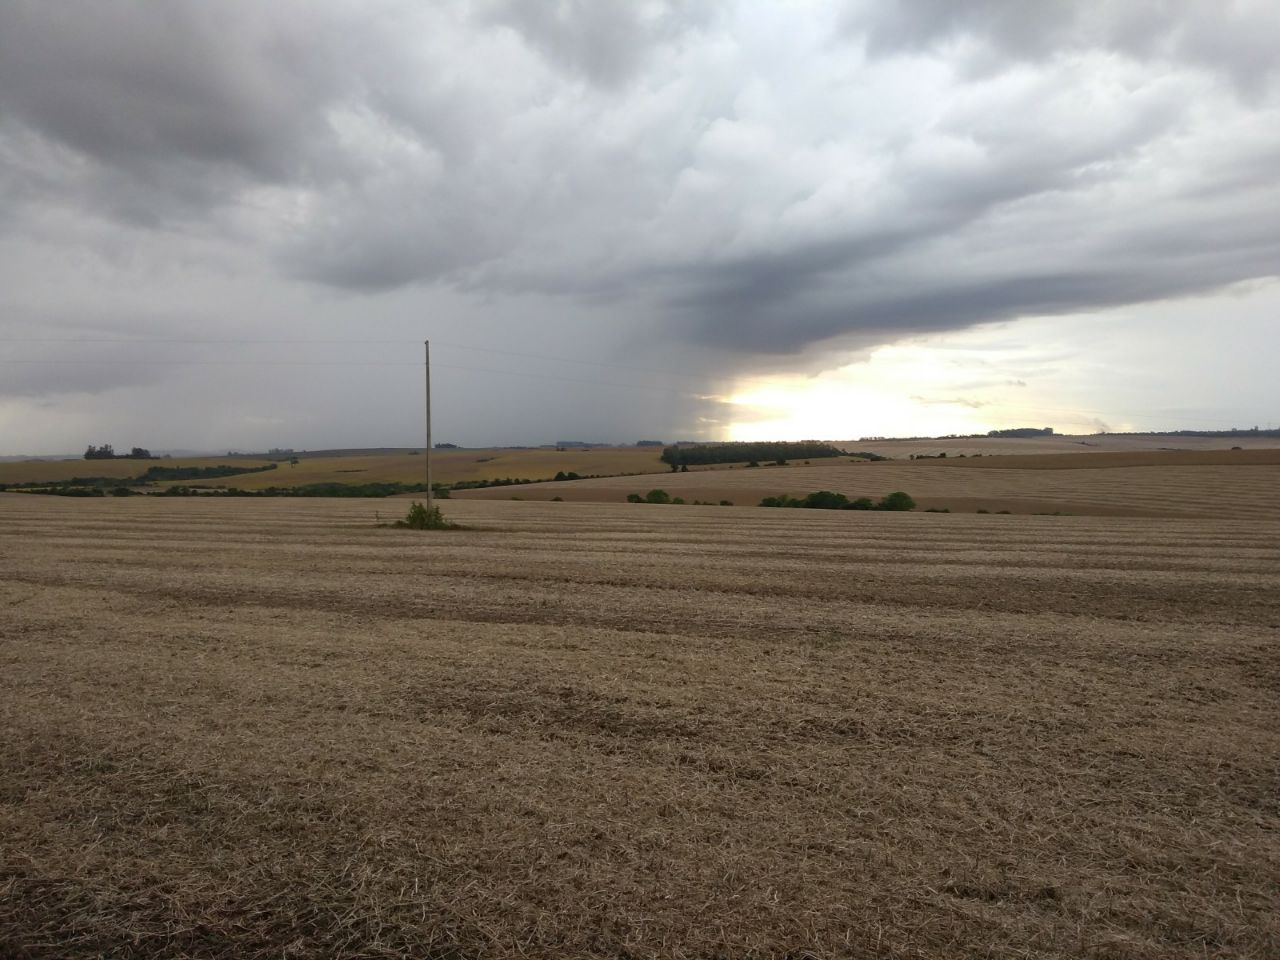 Colheita de soja da variedade NS 5445 Ipro na agropecuária Jacomina em Cruz Alta (RS)